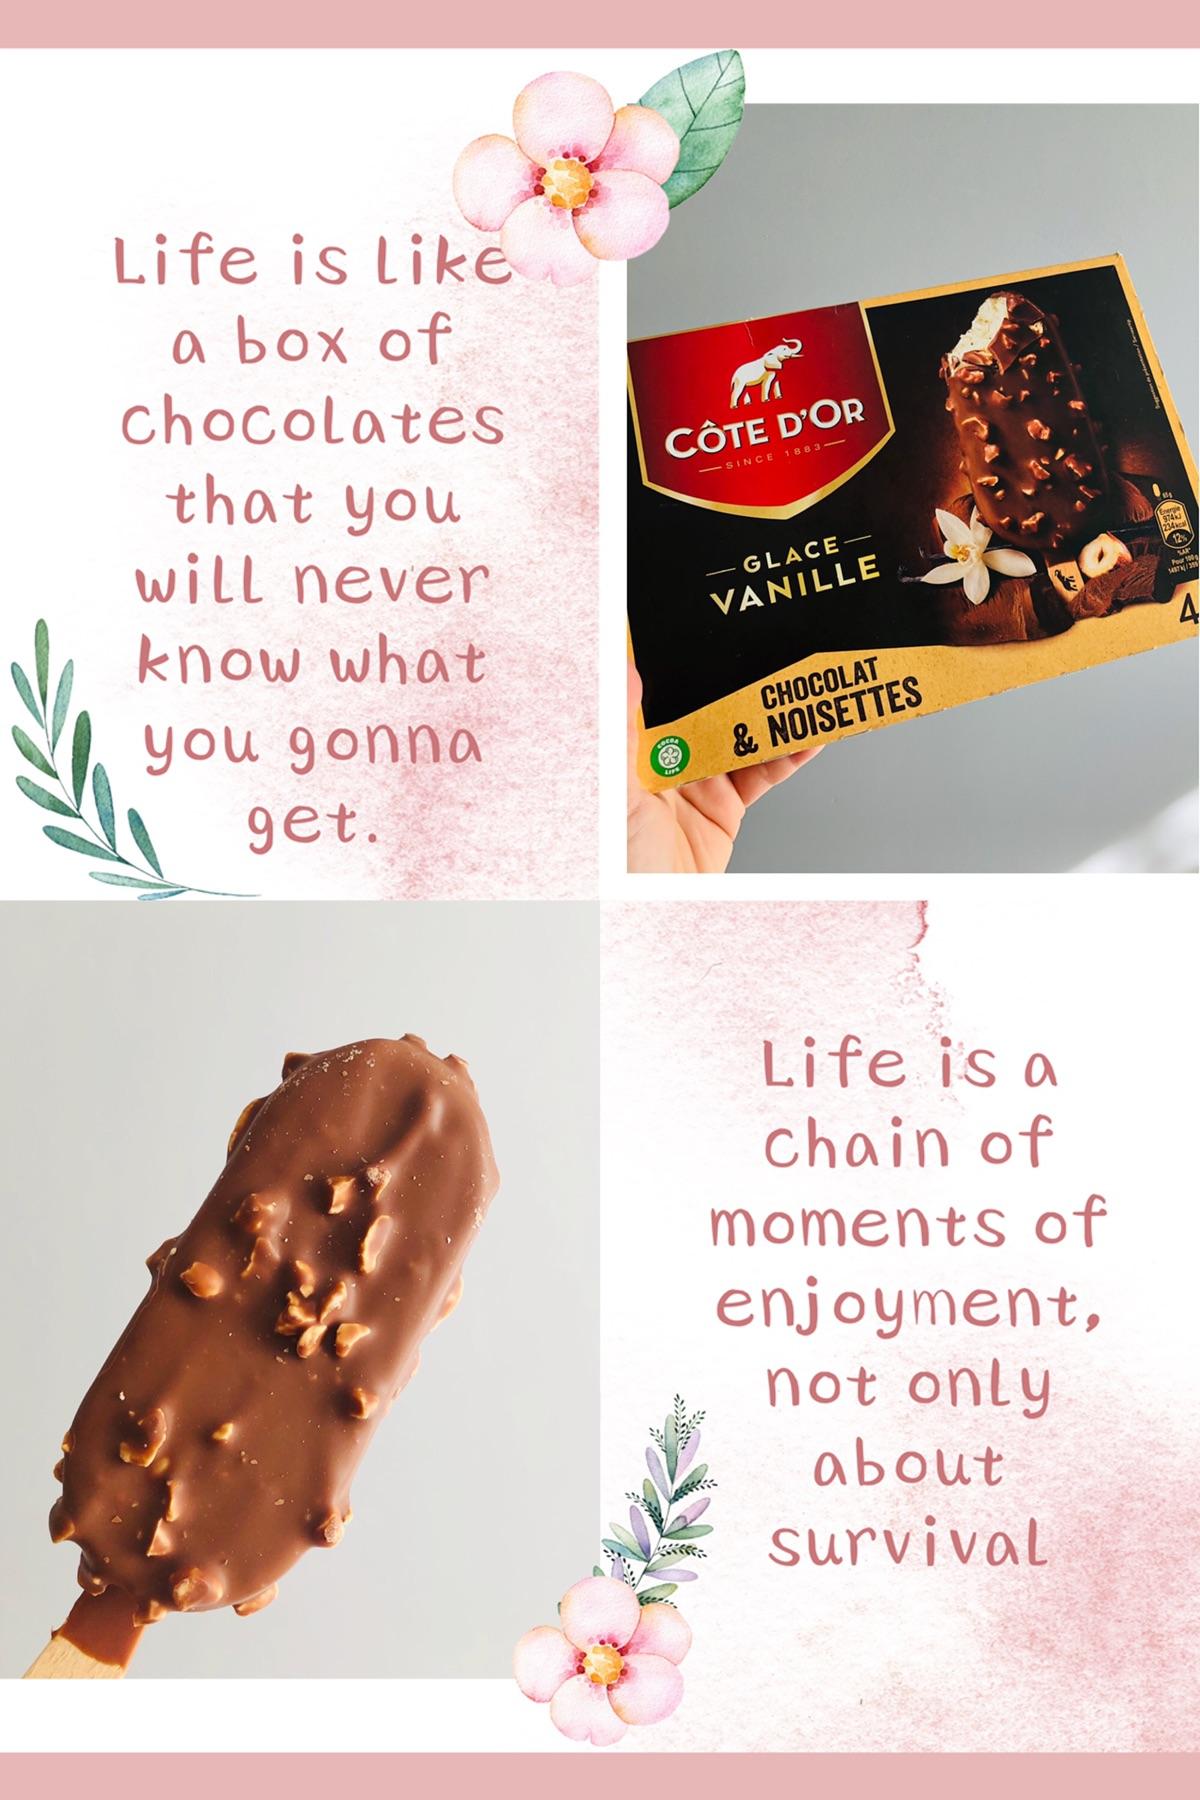 巧克力🍫纷纷下场做雪糕?